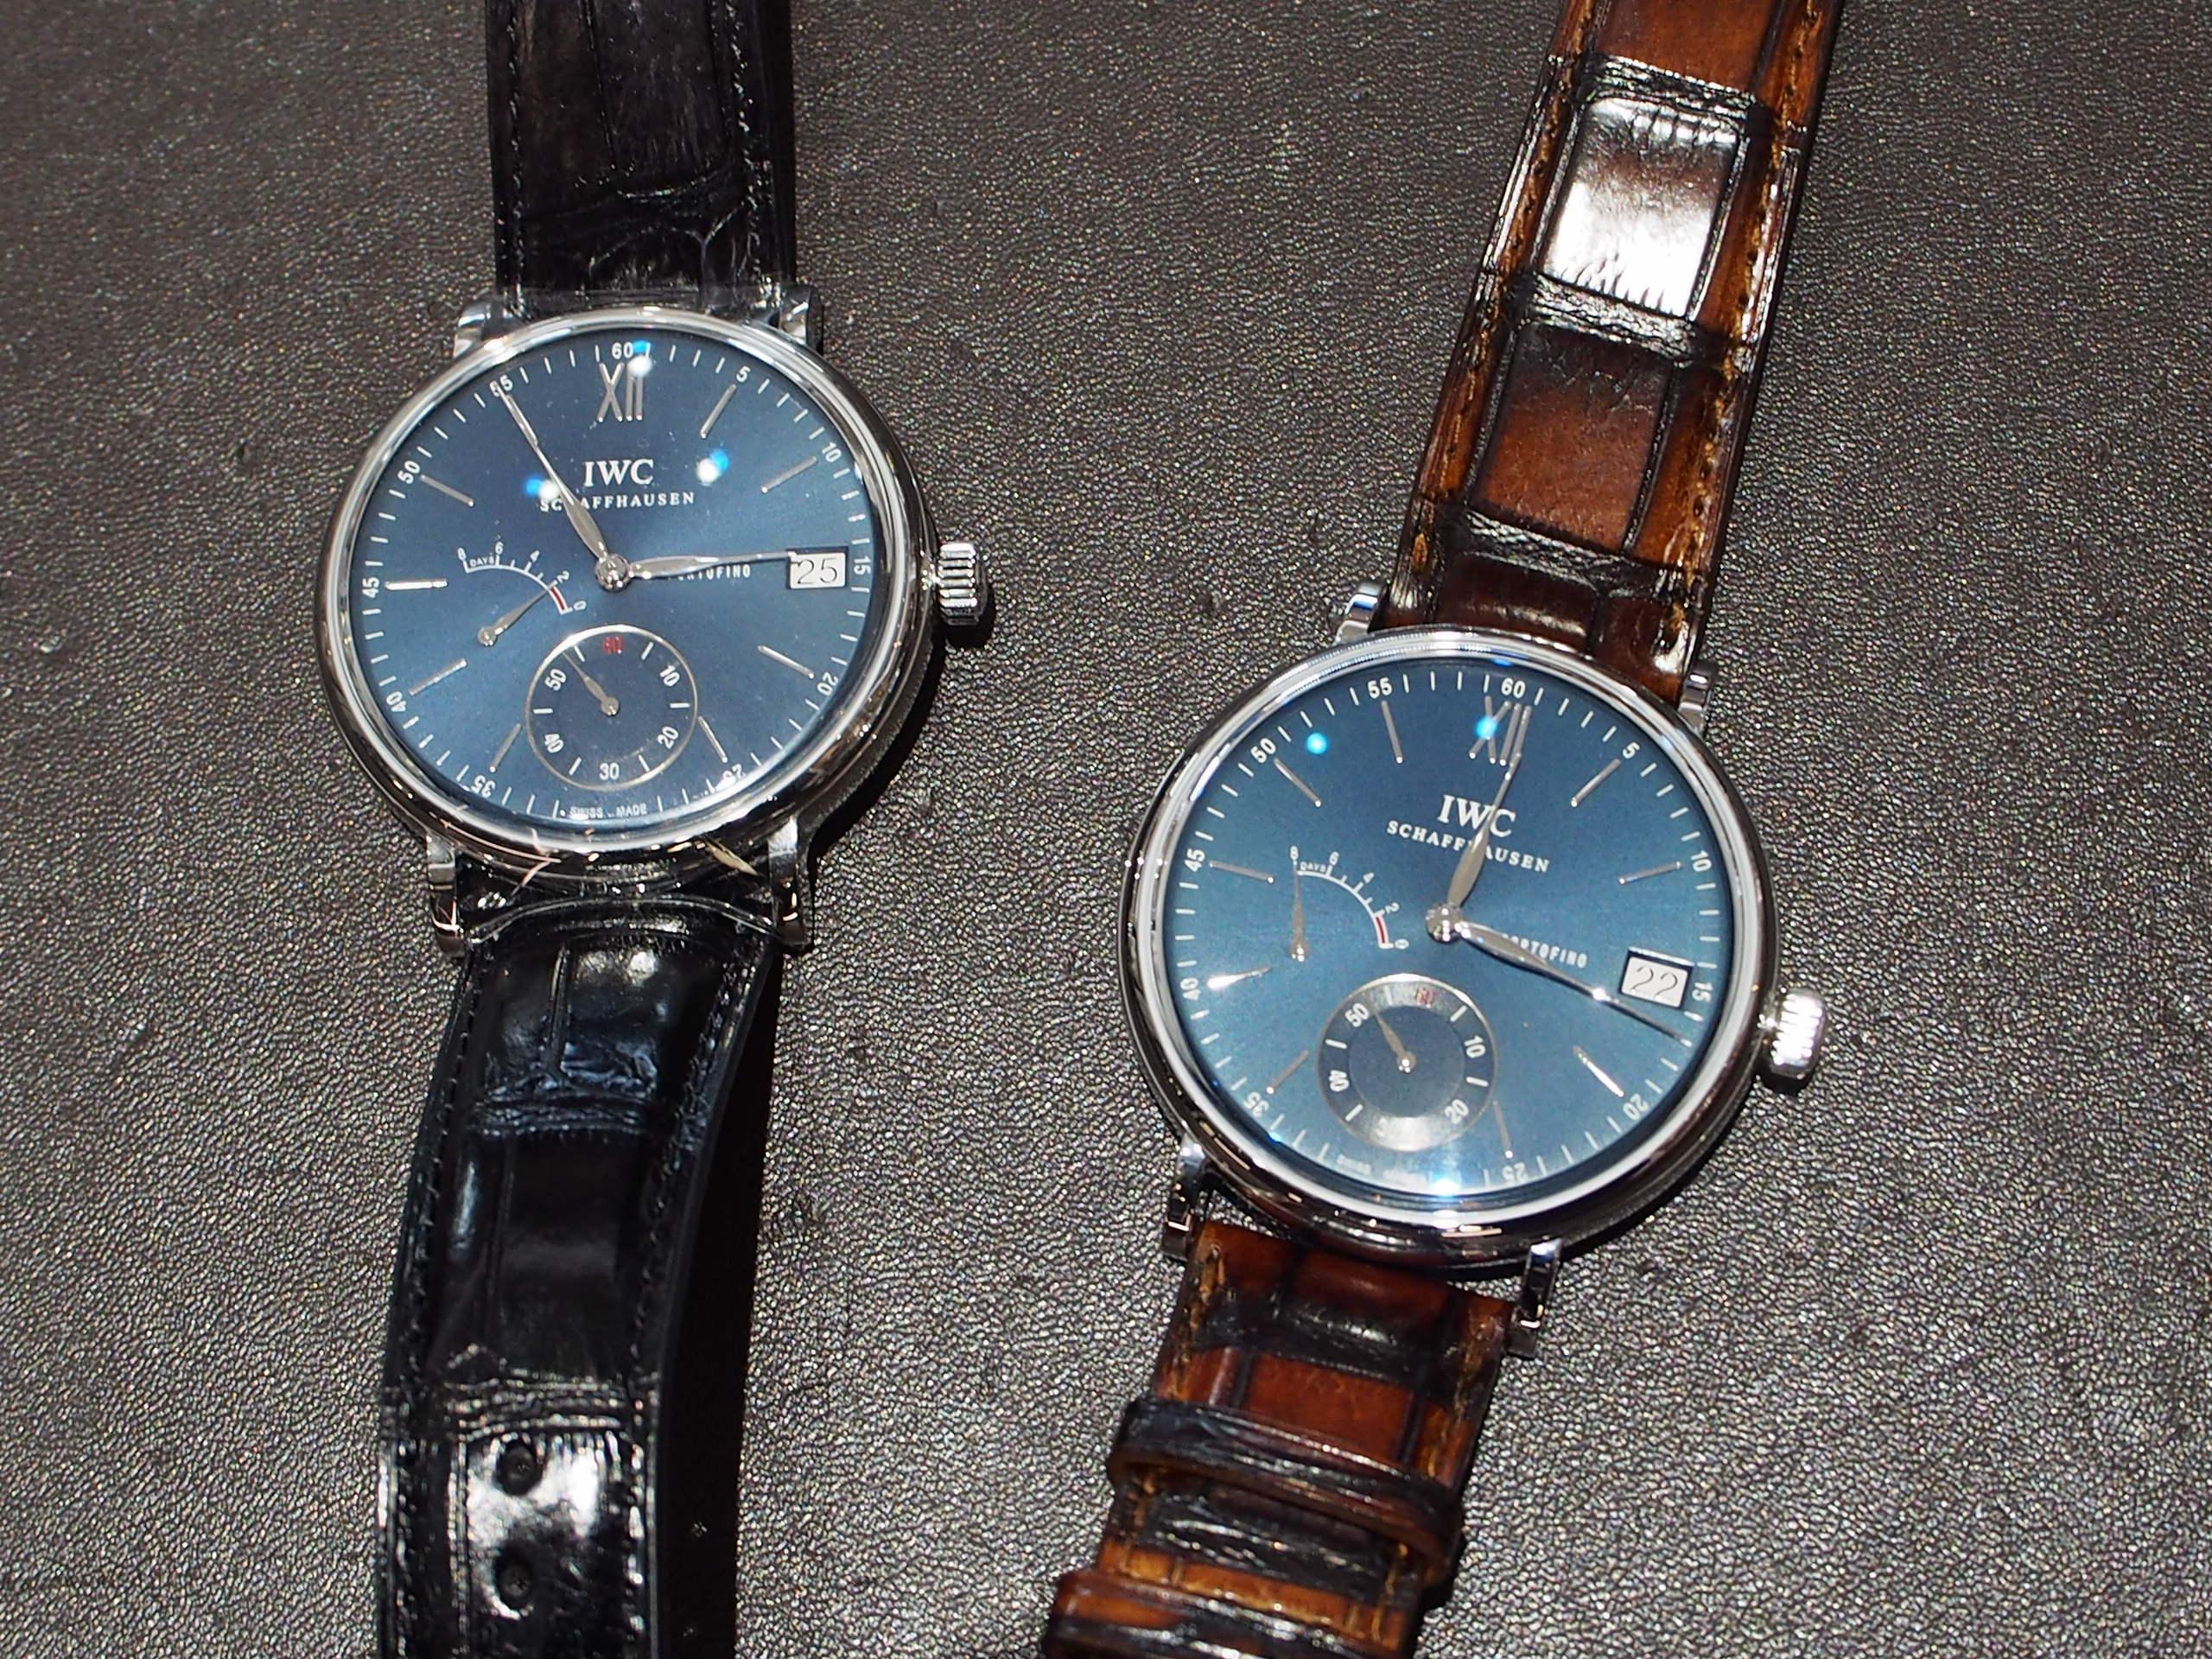 【IWC】こんな事もできる!~心から納得して高級時計をお手にとっていただけるように~